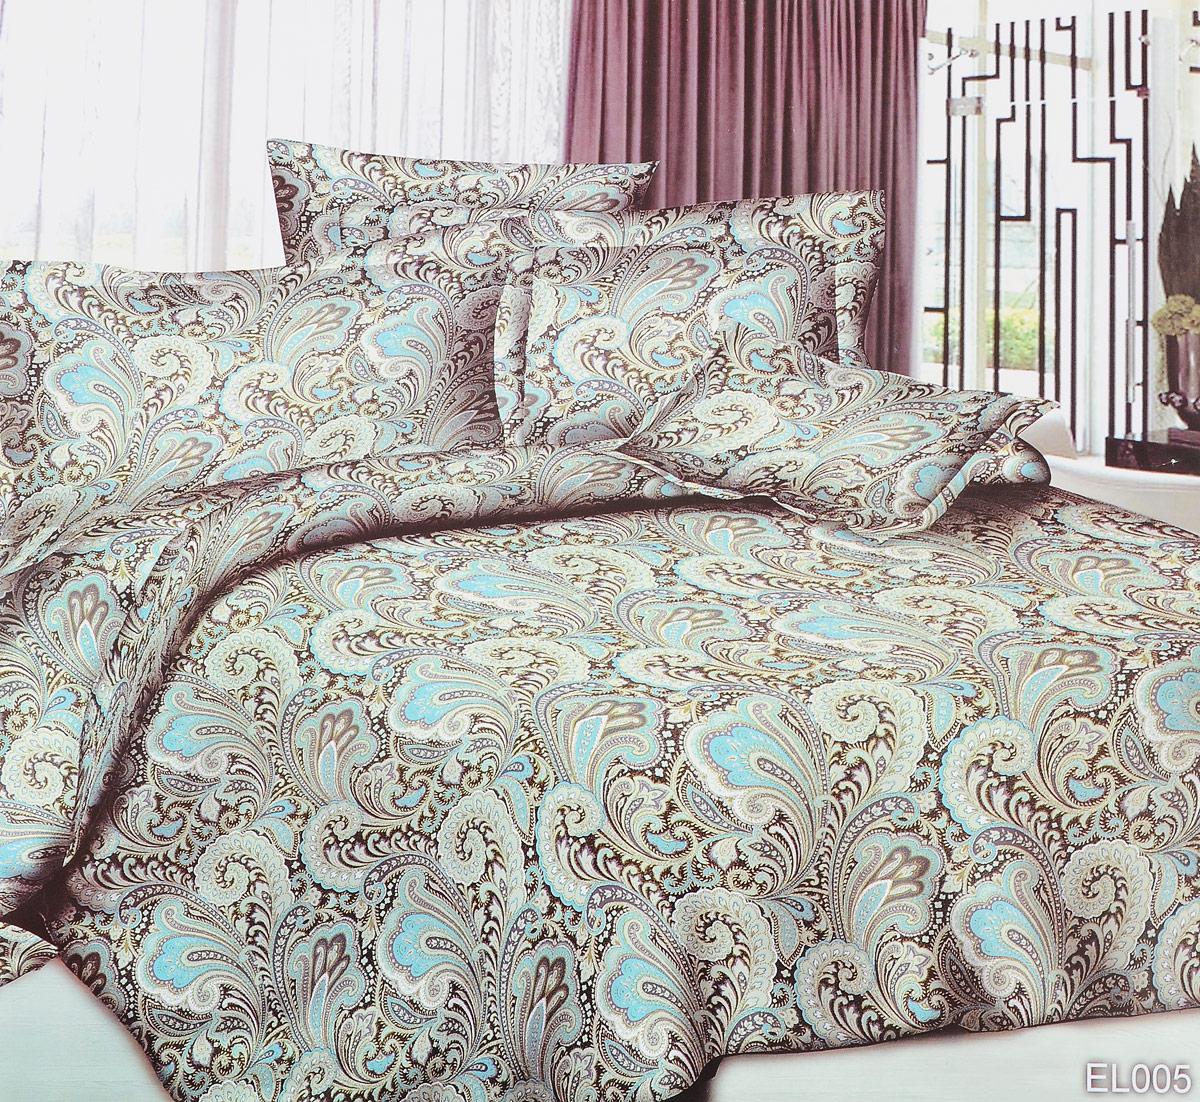 Комплект белья ЭГО Шик, 1,5-спальный, наволочки 70x70CA-3505Комплект белья ЭГО Шик выполнен из полисатина (50% хлопка, 50% полиэстера). Комплект состоит из пододеяльника, простыни и двух наволочек. Постельное белье имеет изысканный внешний вид и яркую цветовую гамму. Гладкая структура делает ткань приятной на ощупь, мягкой и нежной, при этом она прочная и хорошо сохраняет форму. Ткань легко гладится, не линяет и не садится. Приобретая комплект постельного белья ЭГО Шик, вы можете быть уверенны в том, что покупка доставит вам и вашим близким удовольствие и подарит максимальный комфорт.